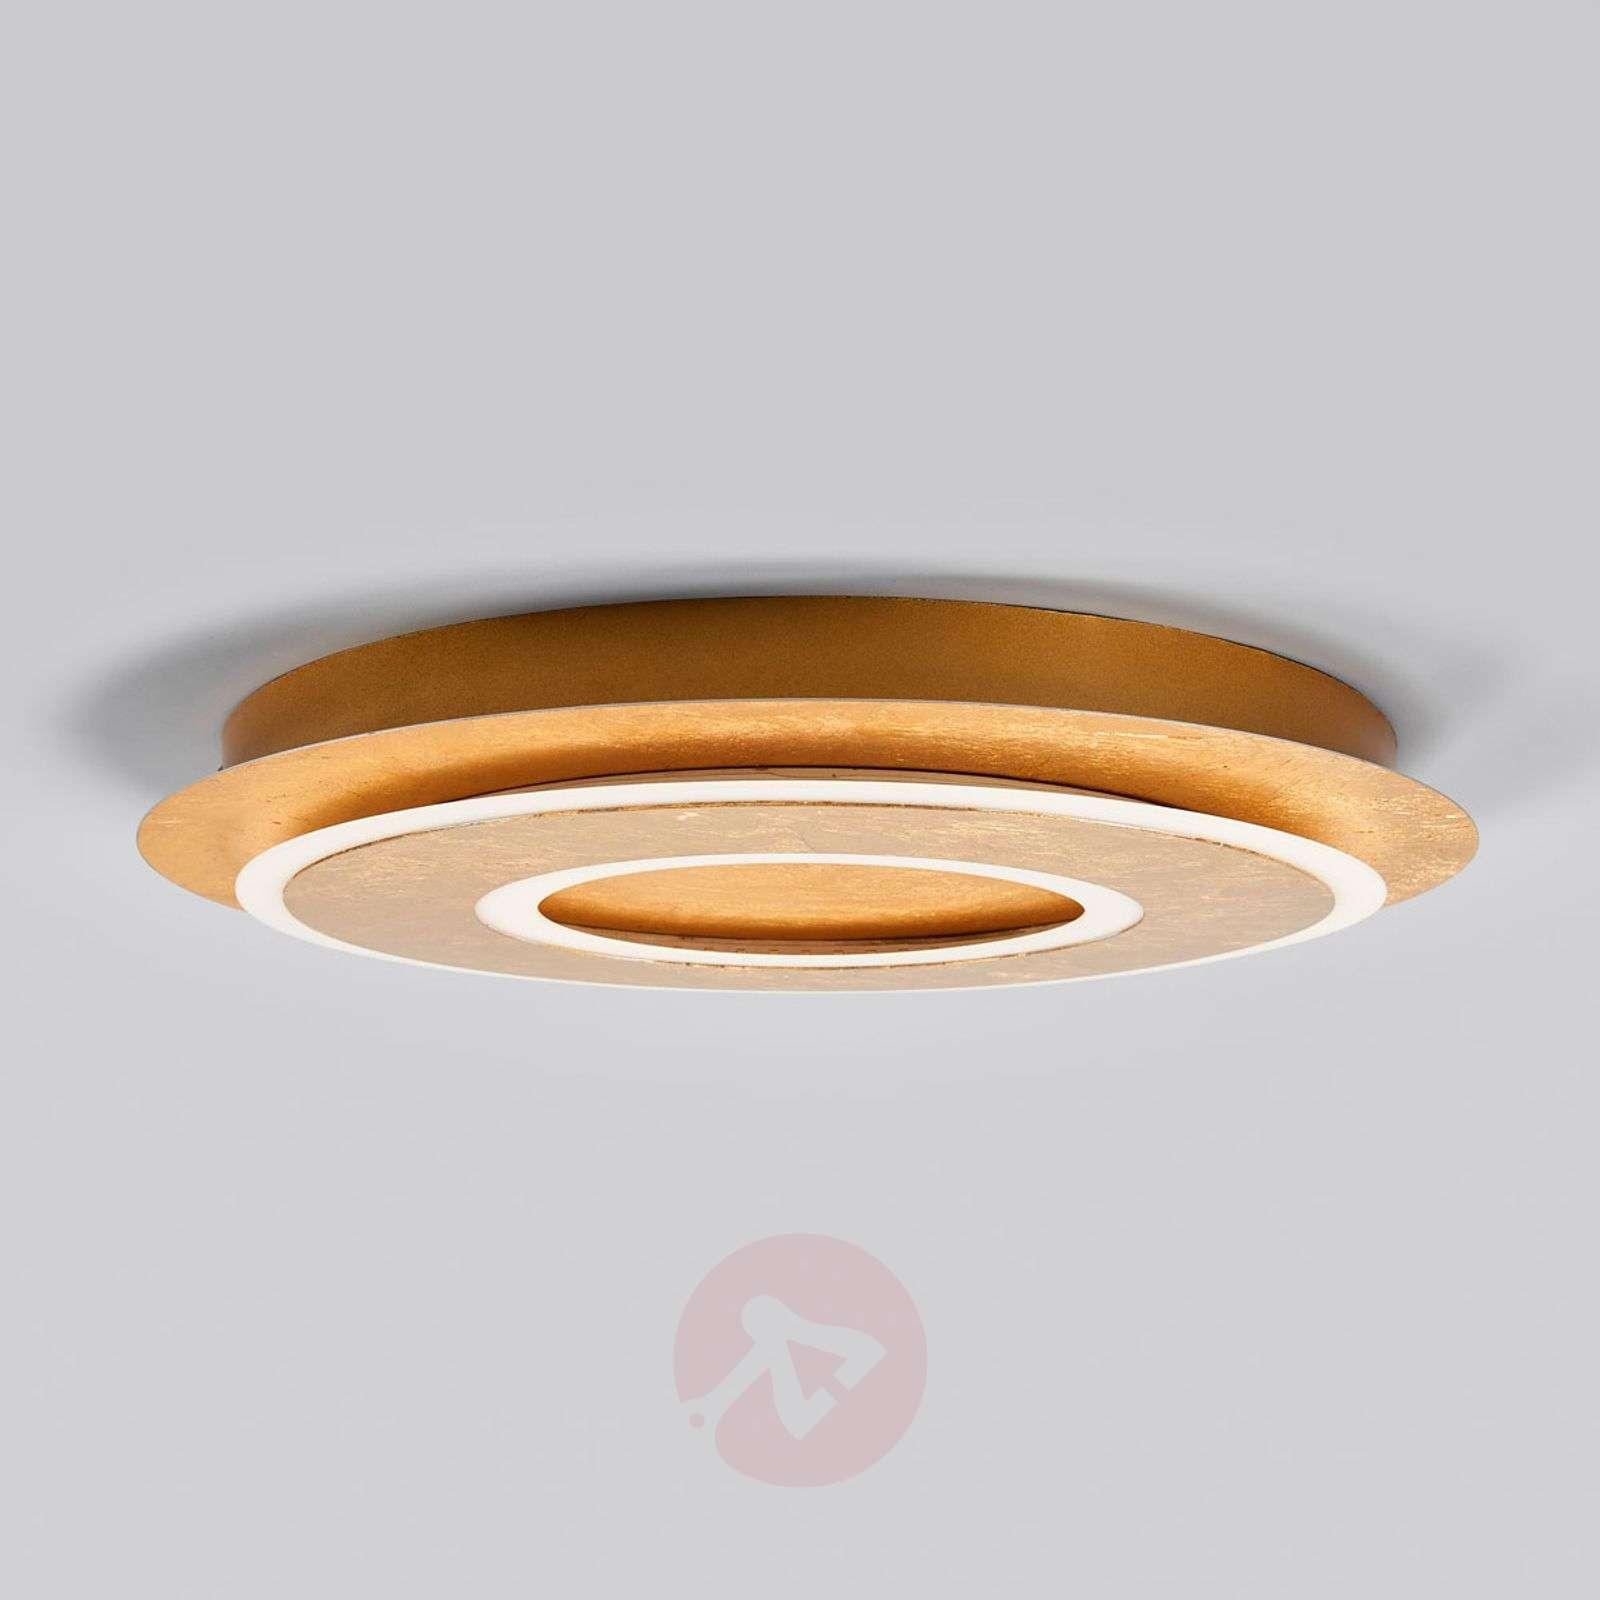 Juran pyöreä, kullanvärinen LED-kattolamppu-9994134-02